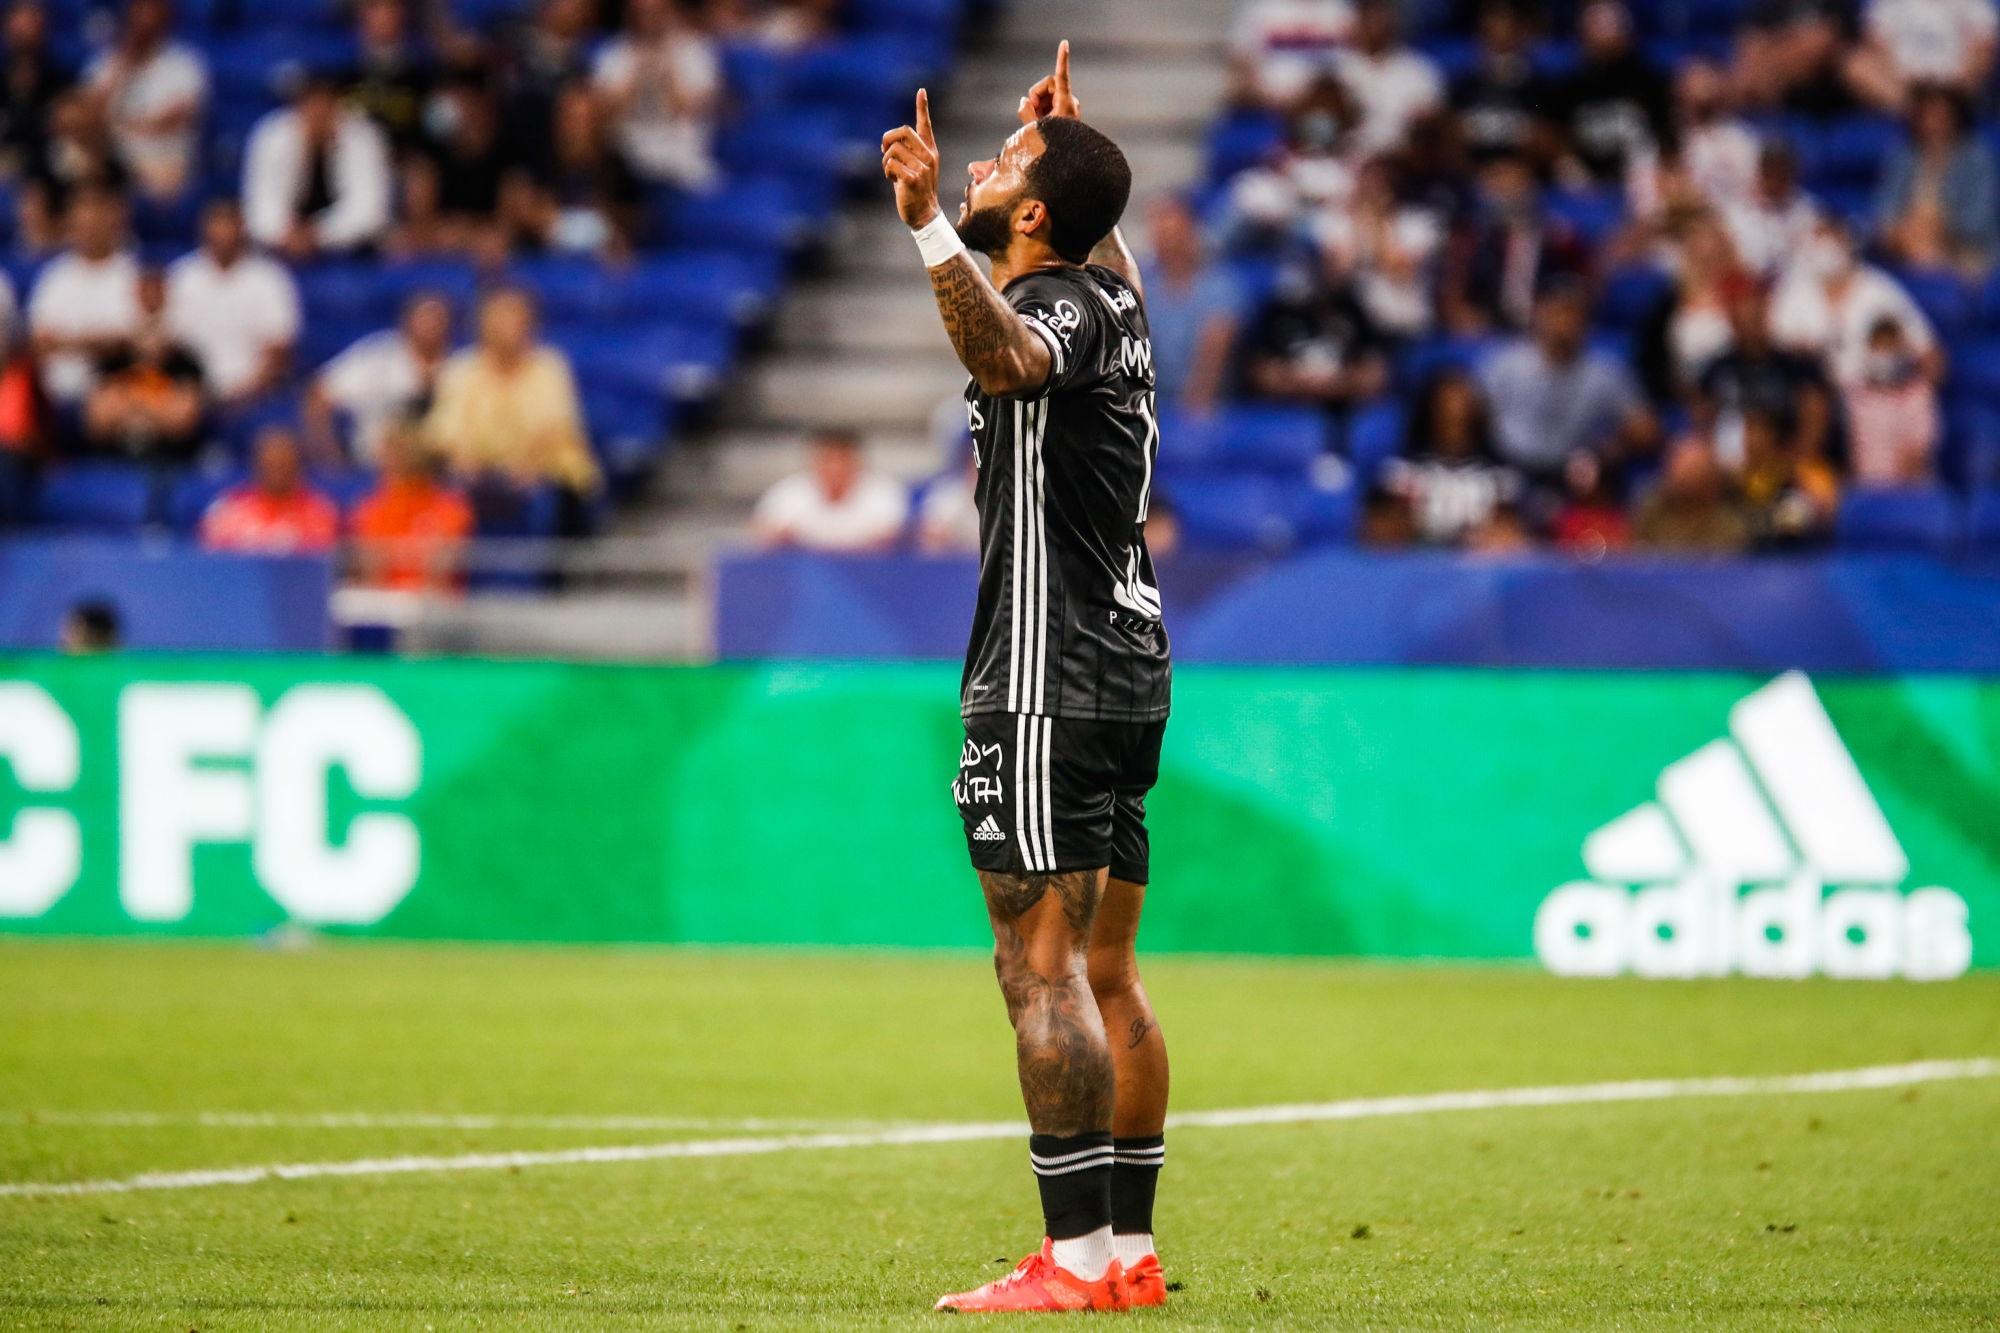 """Coupe de la Ligue - Depay assure être """"prêt"""" pour affronter le PSG"""